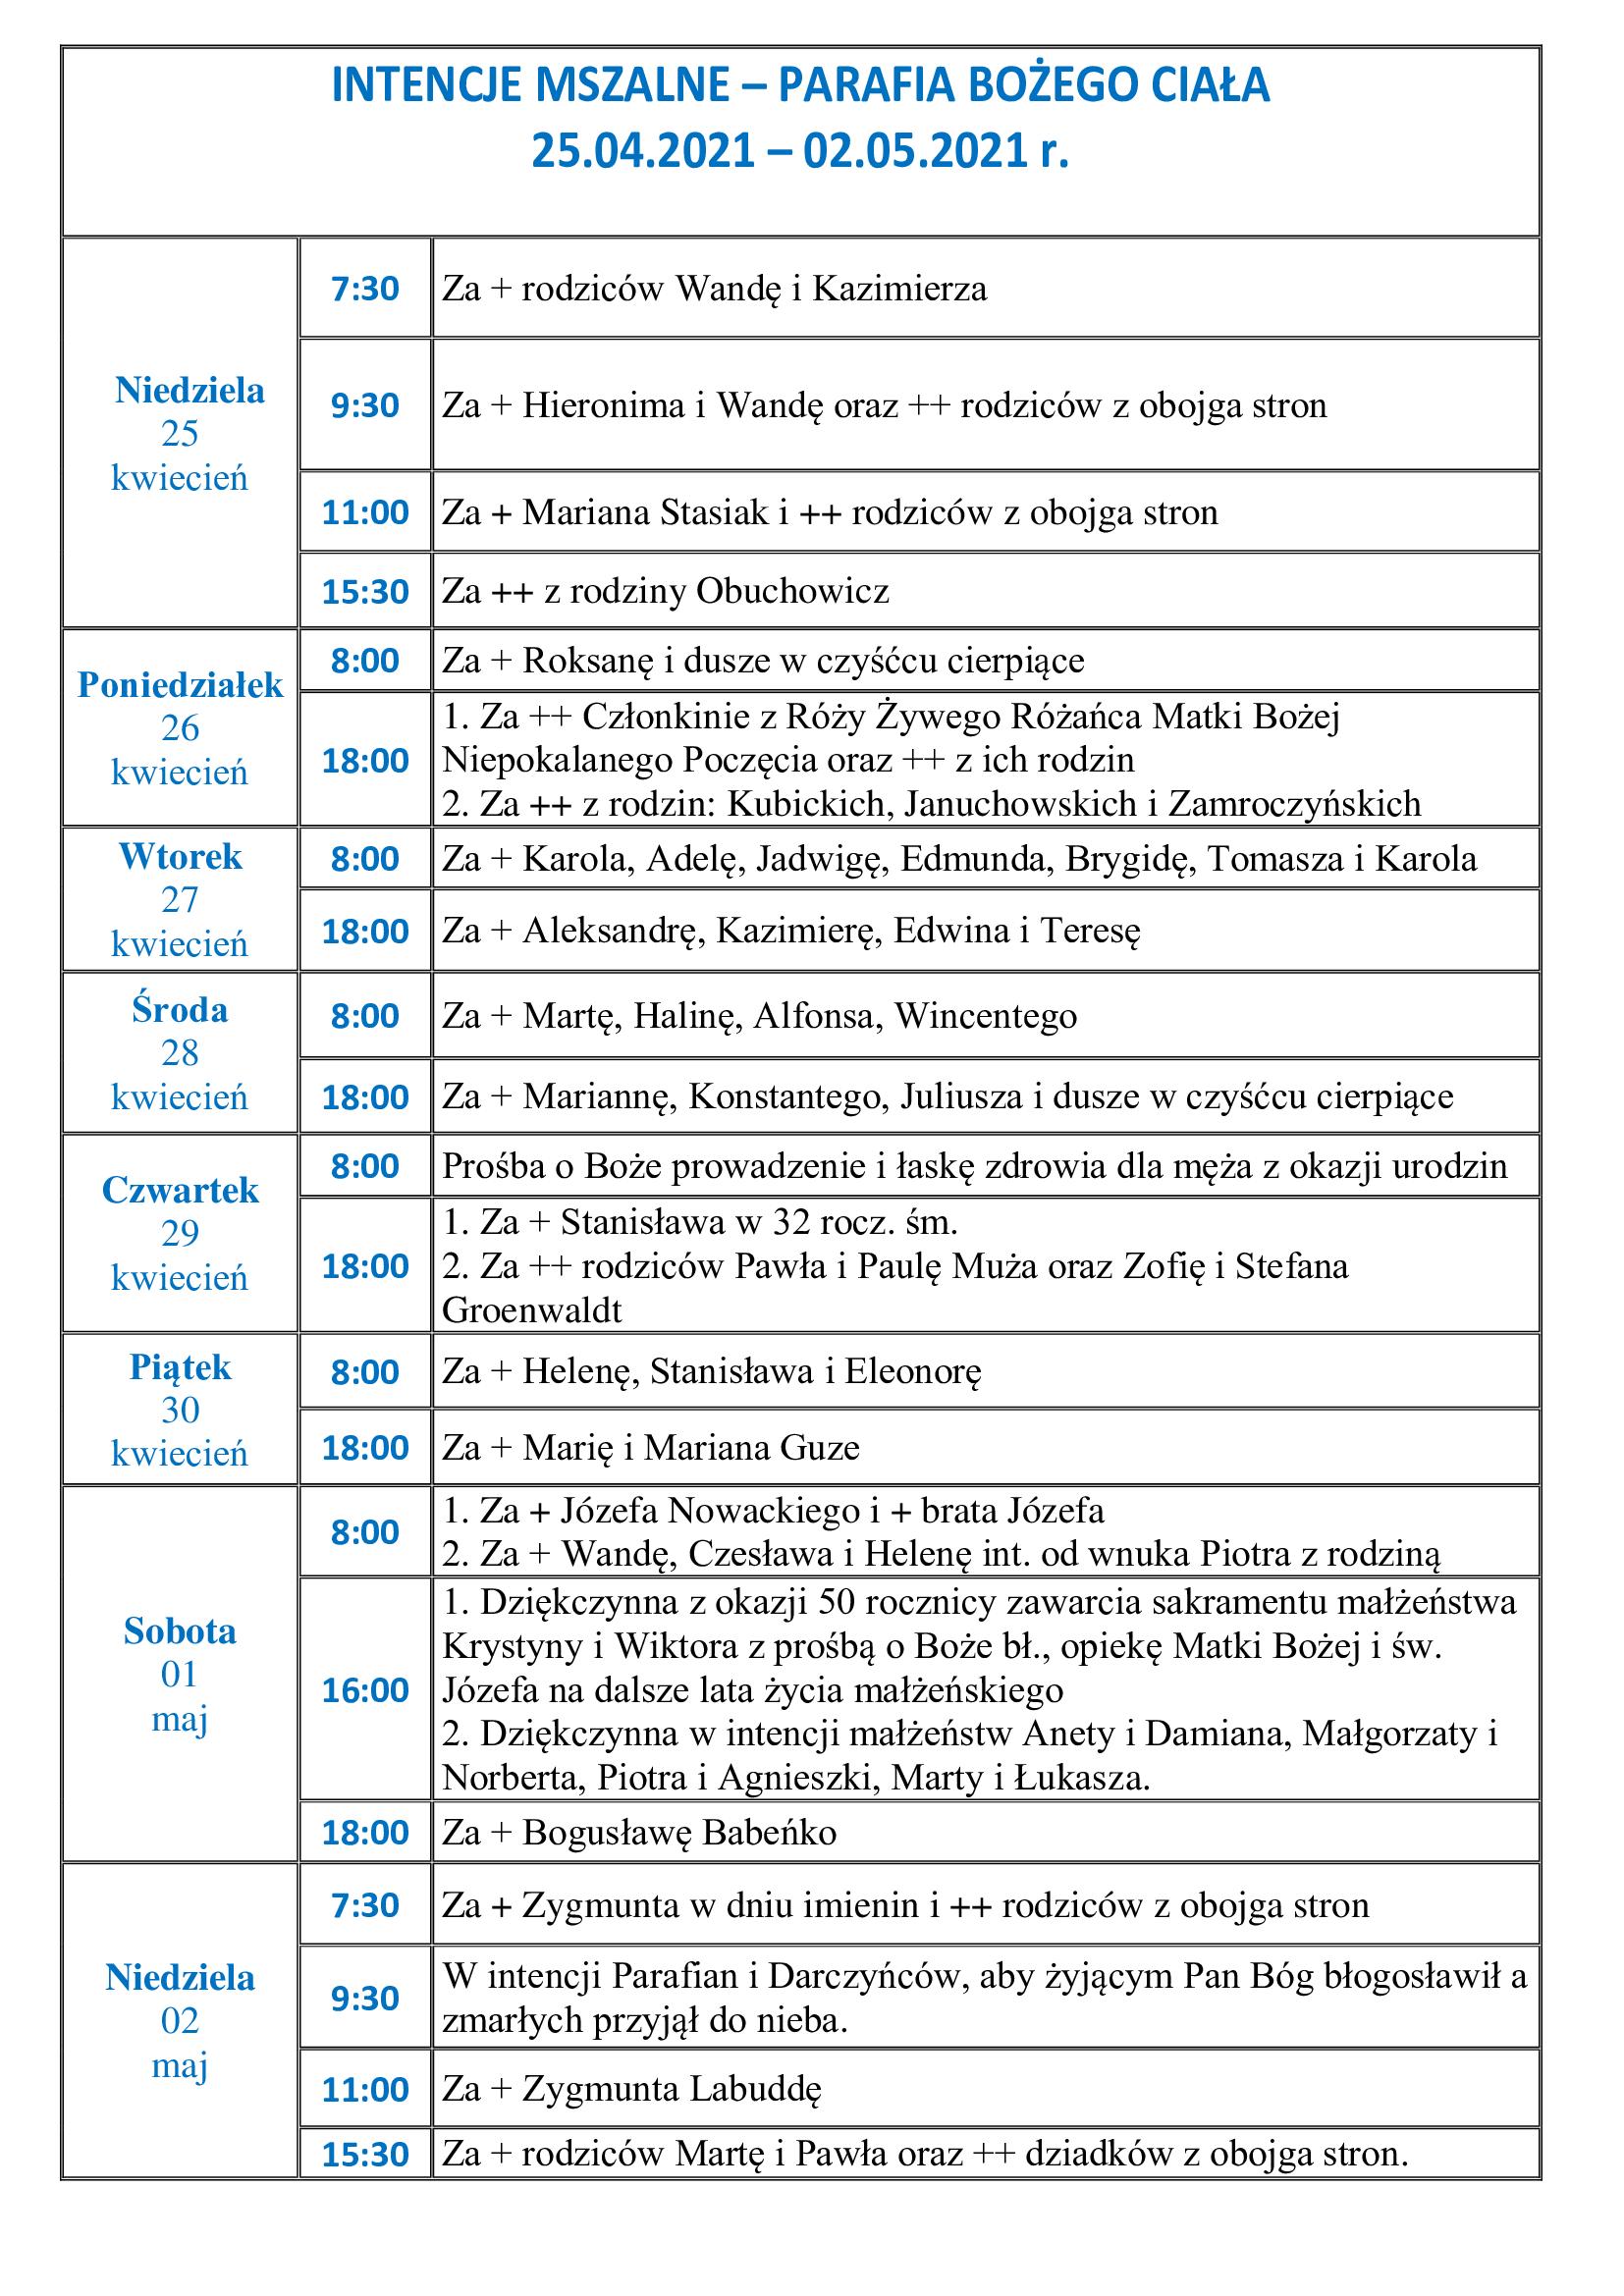 intencje-mszalne-25-04-2021-02-05-2021-r-1